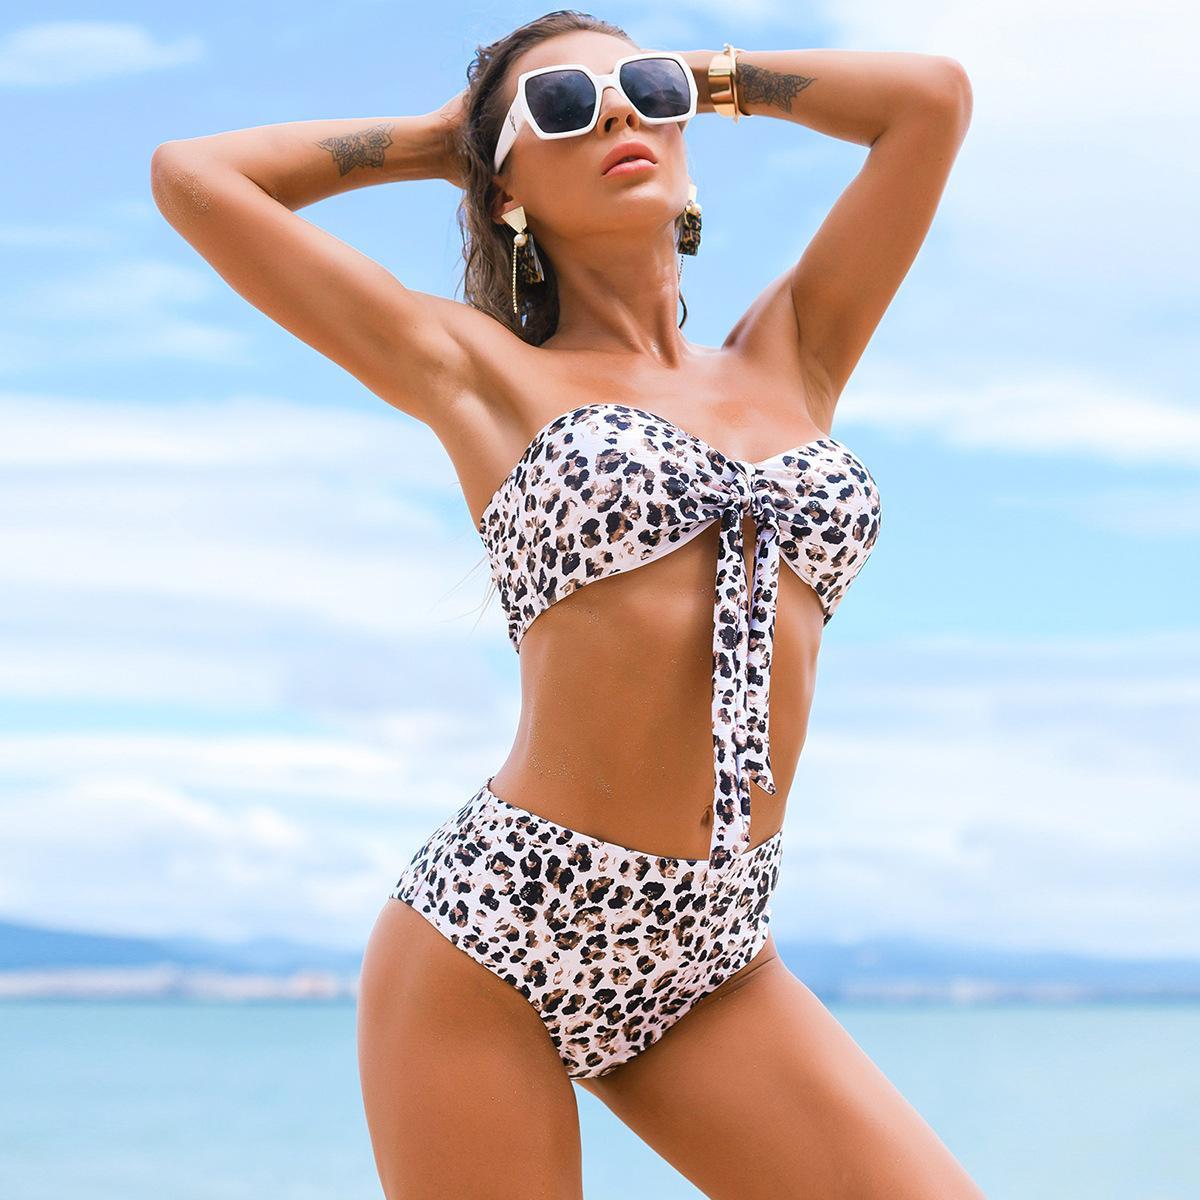 المرأة مثير ملابس السباحة البيكينيات مجموعة 2021 جديد ليوبارد طباعة الصيف الشاطئ اثنين من قطعة ضمادة حمالة عالية الخصر ملابس السباحة الاستحمام beachwear